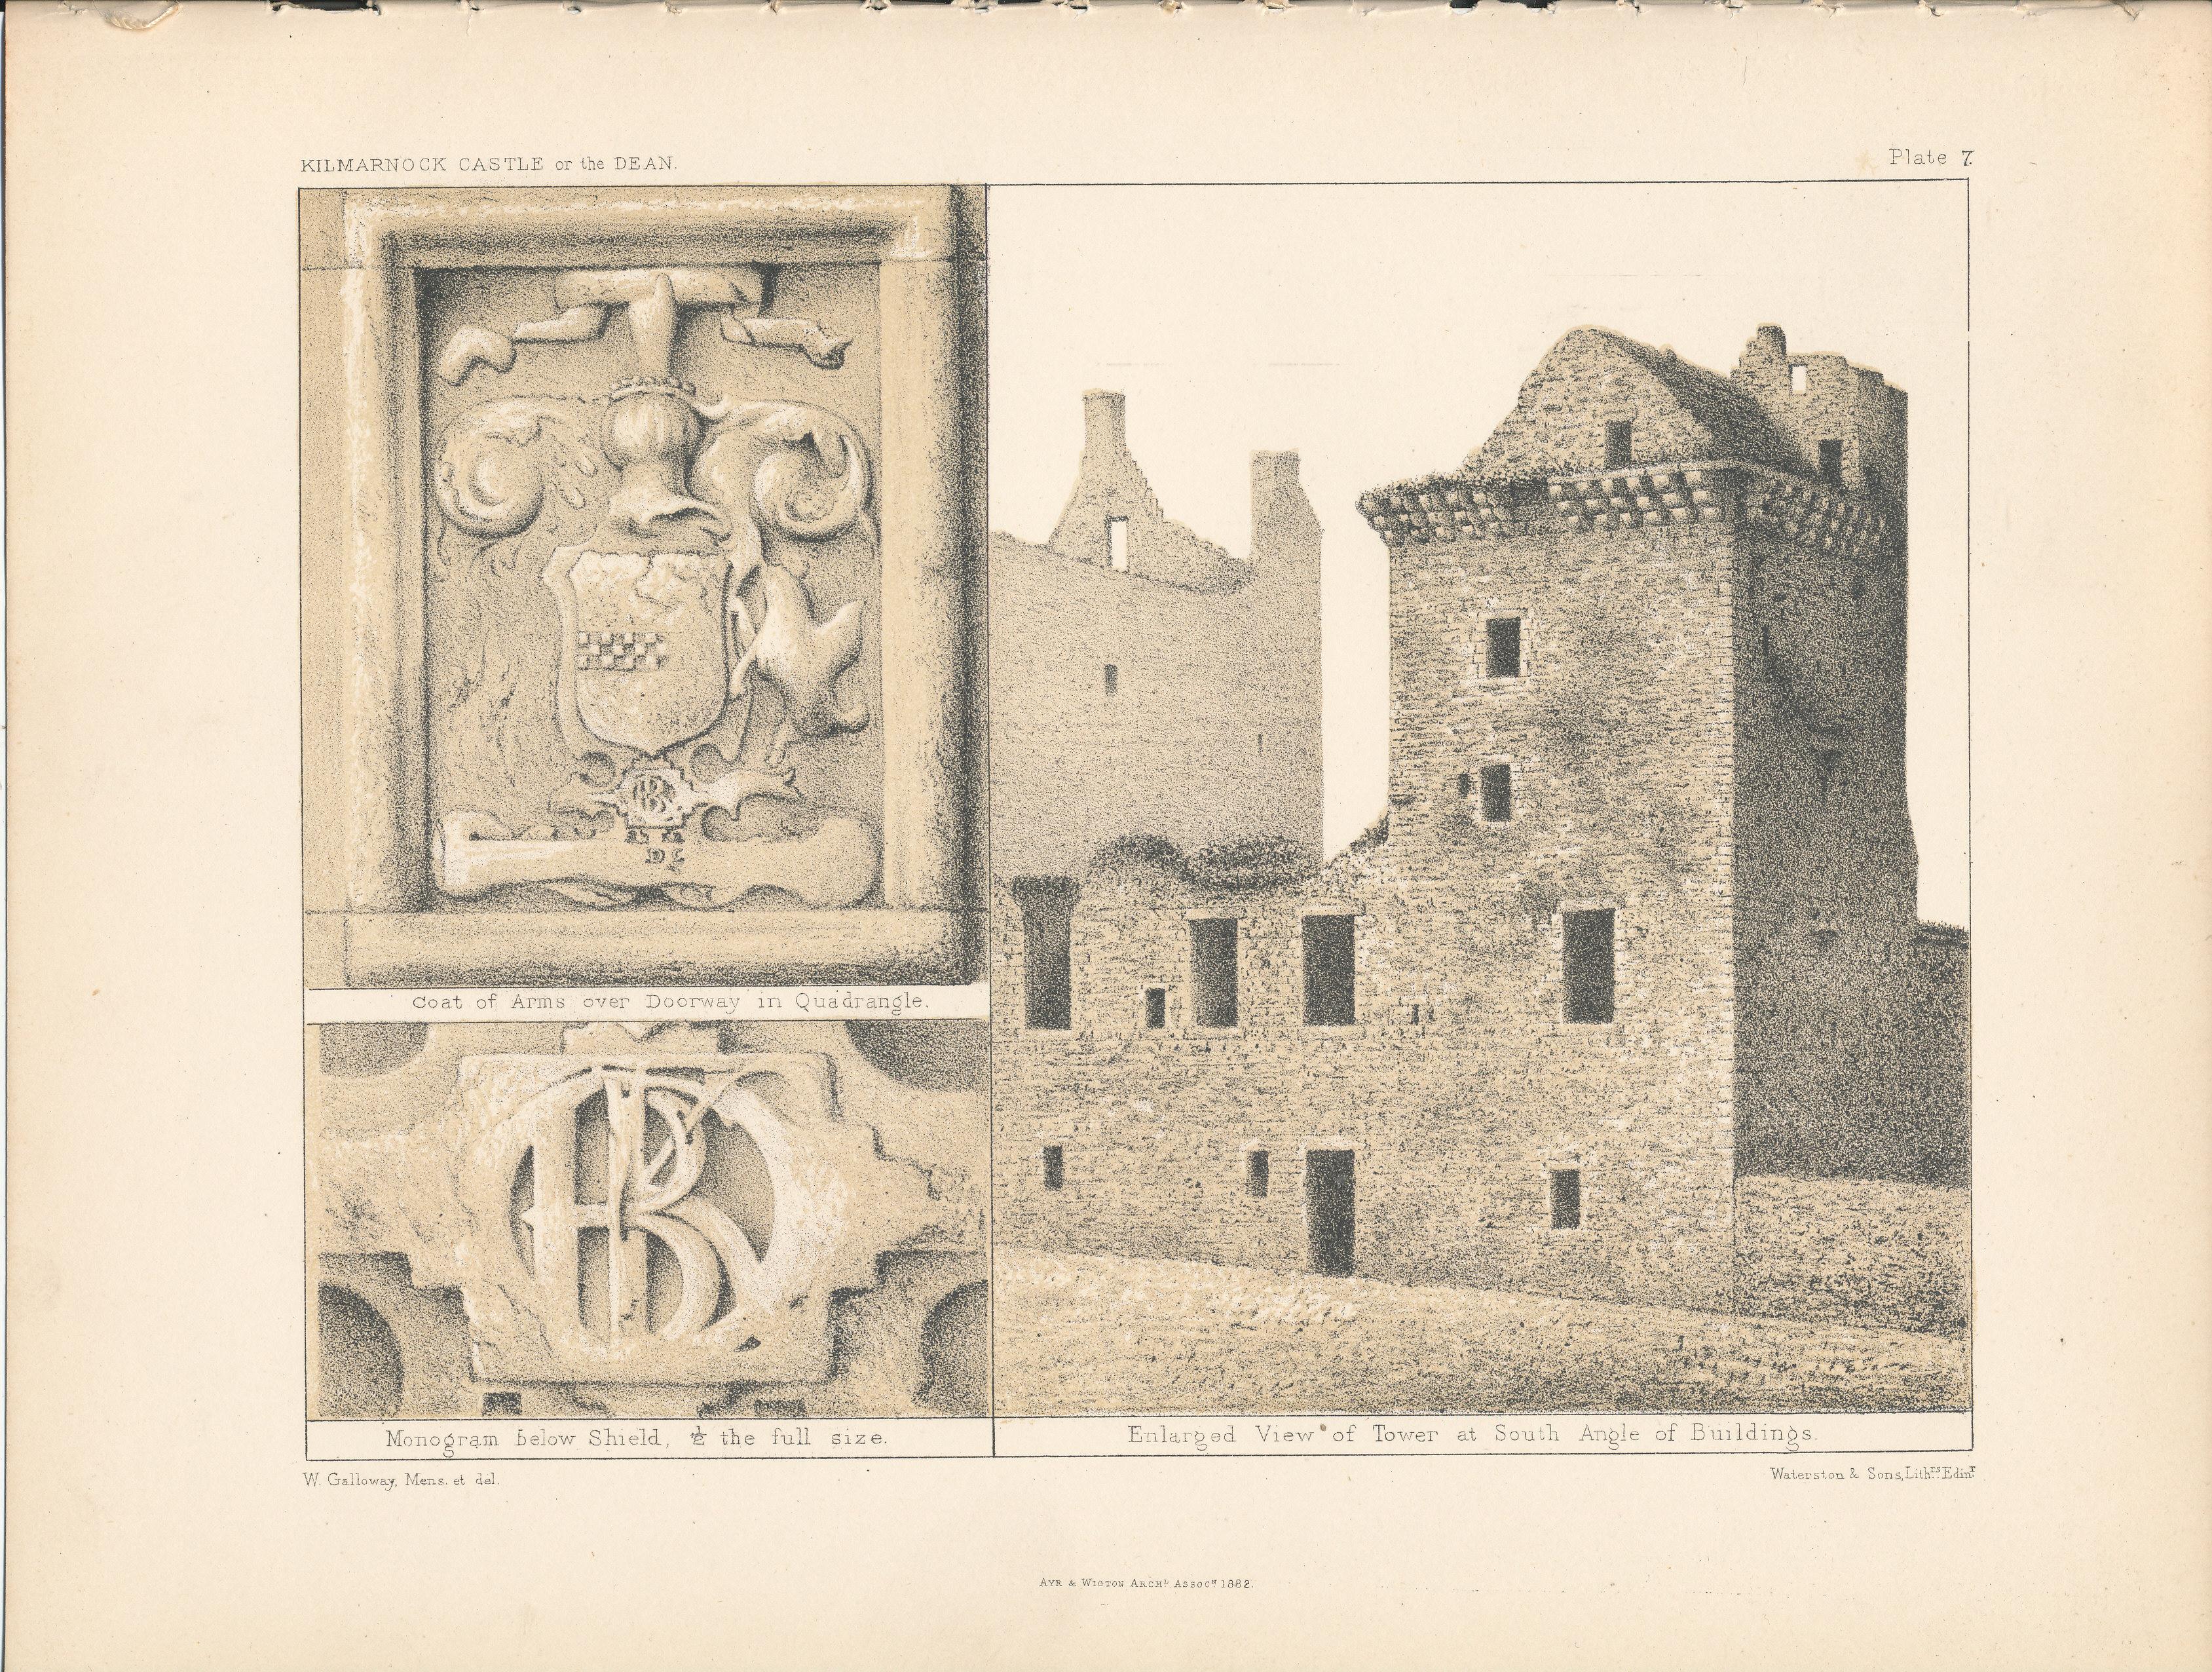 DeanCastle.14.AC3.1882.southangle&details